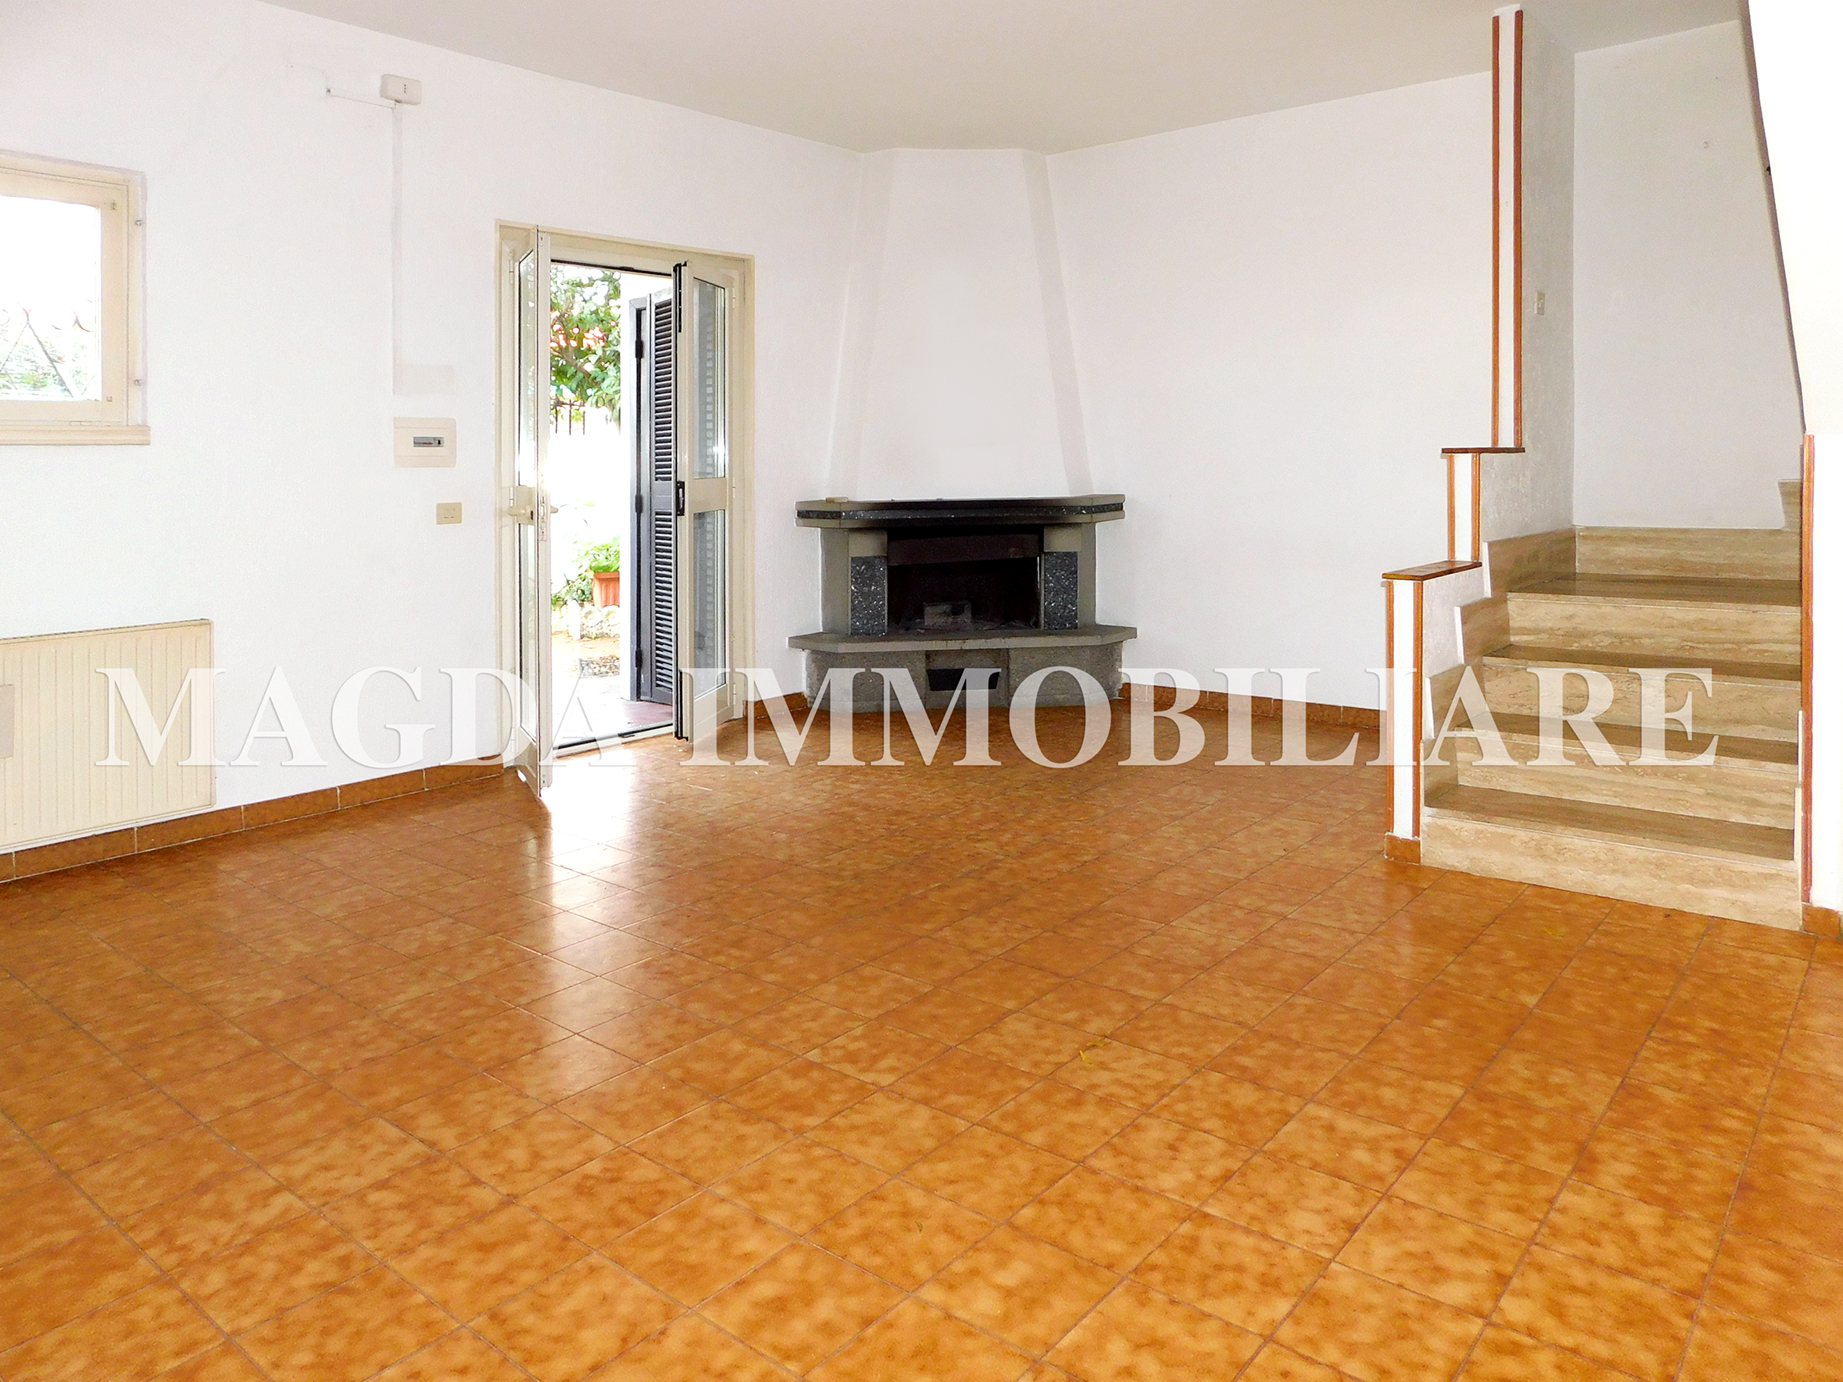 Appartamento a Cerenova - Viale Fregene, 39